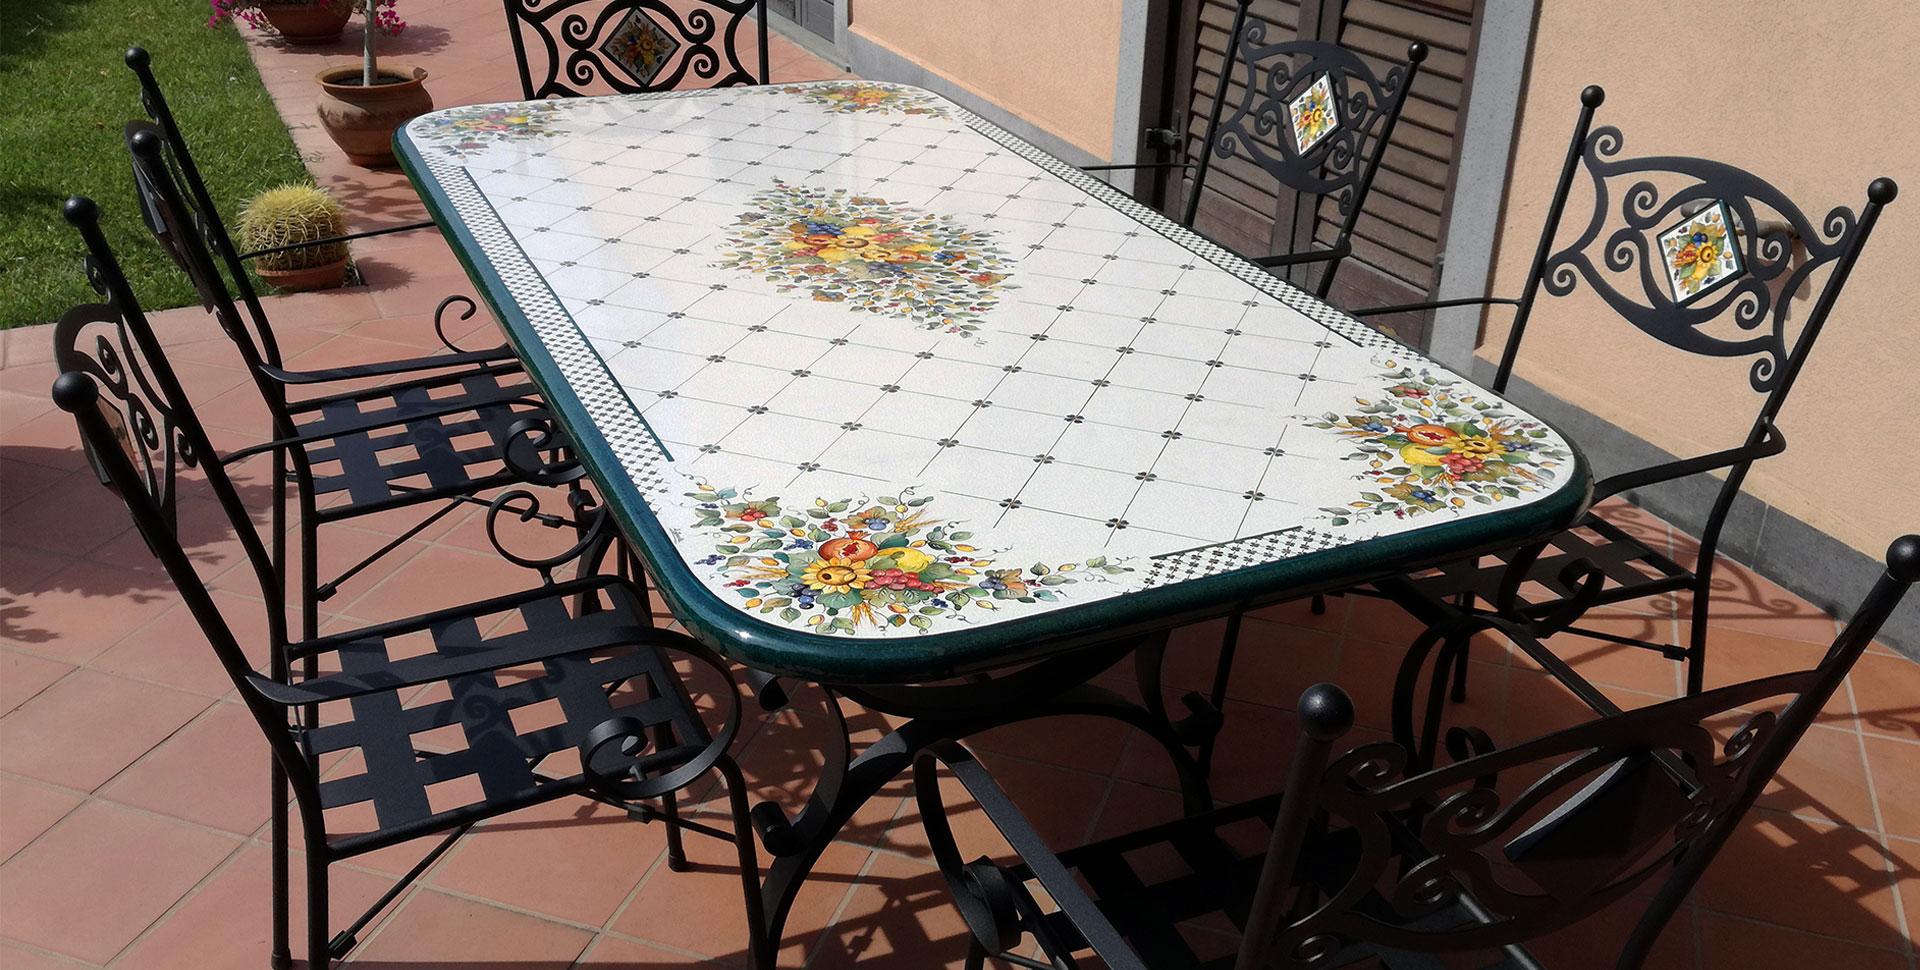 Tavoli Da Giardino In Pietra Lavica.Basi In Ferro Battuto Realizza Il Tuo Arredamento Firmato